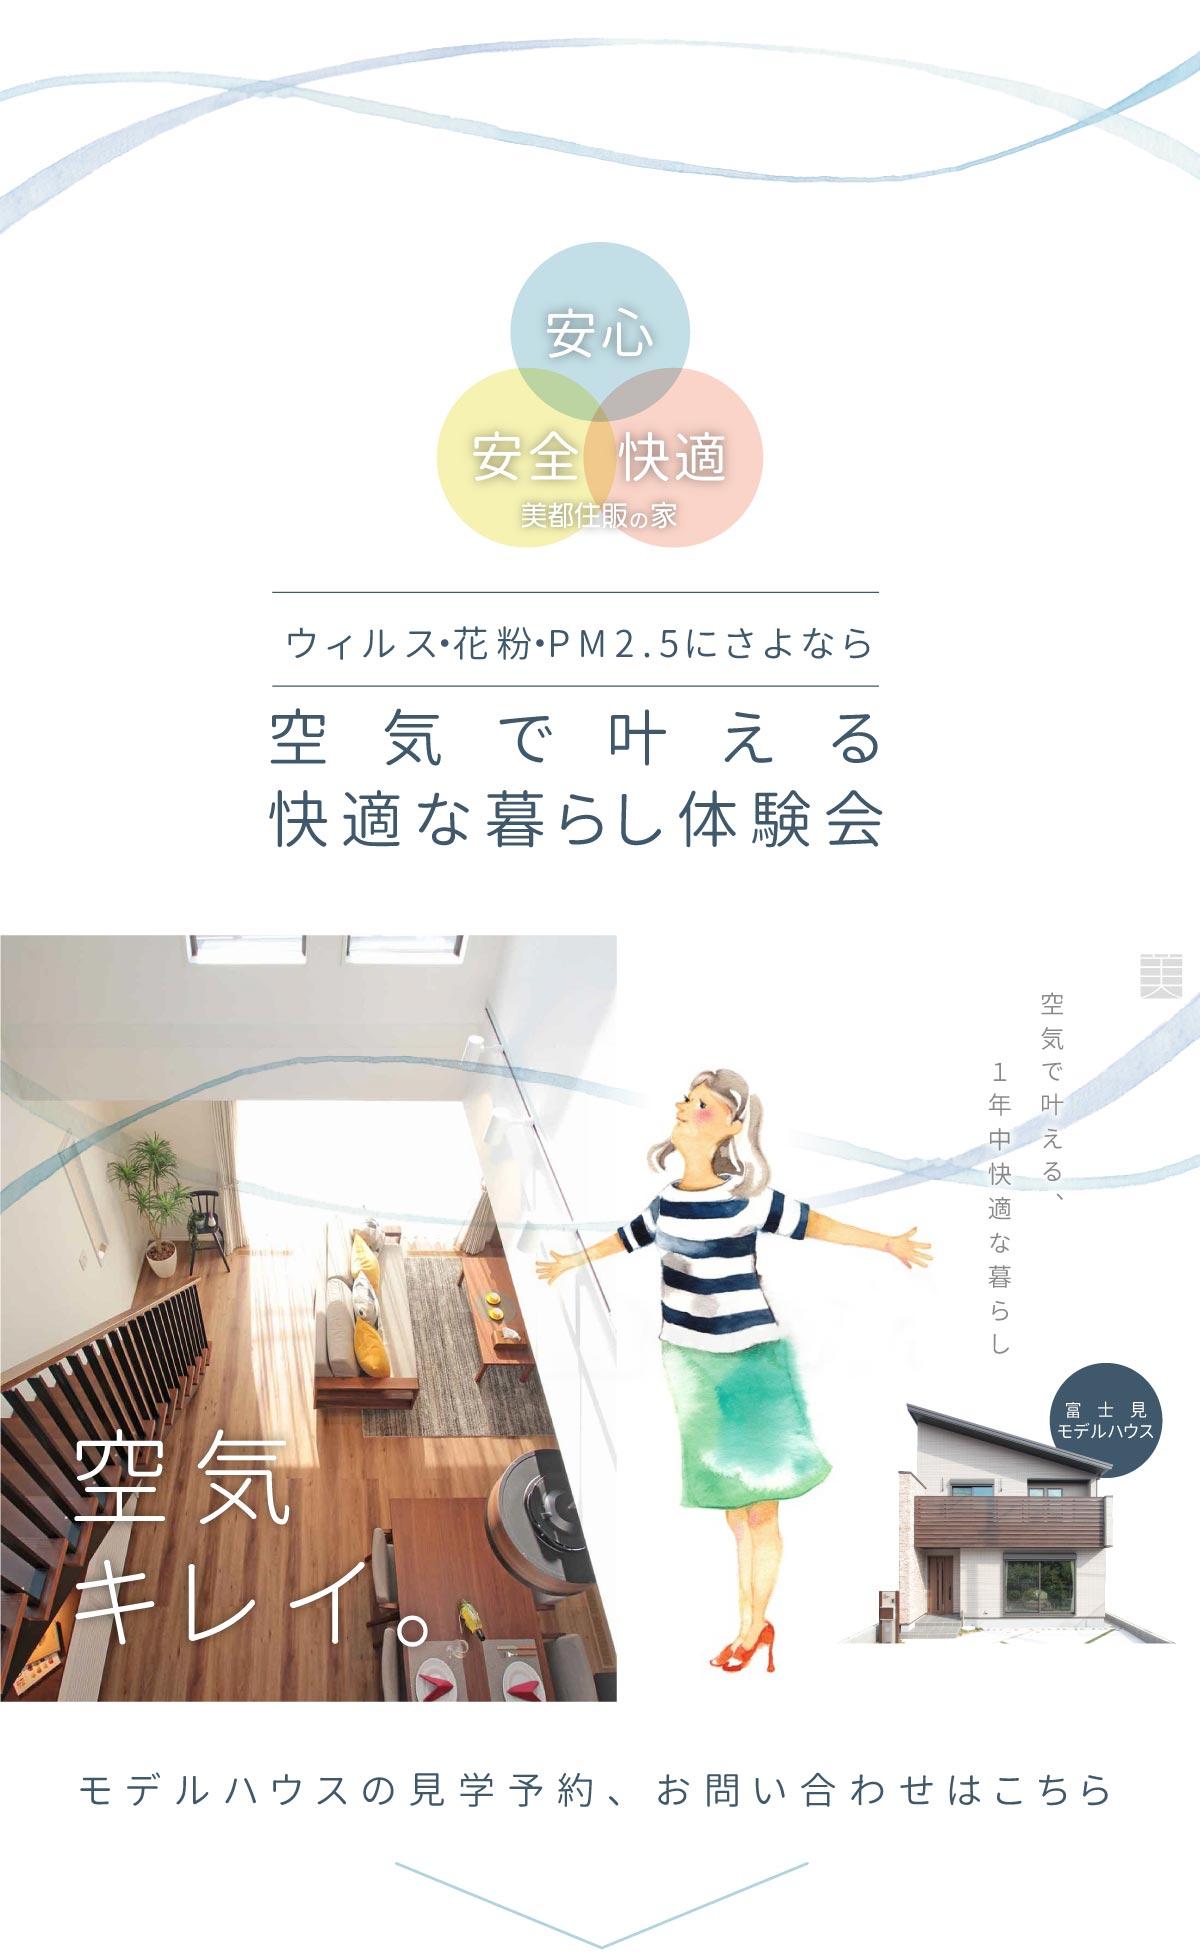 美都住販 空気 イベント モデルハウス モデルハウスの見学予約、お問い合わせはこちら